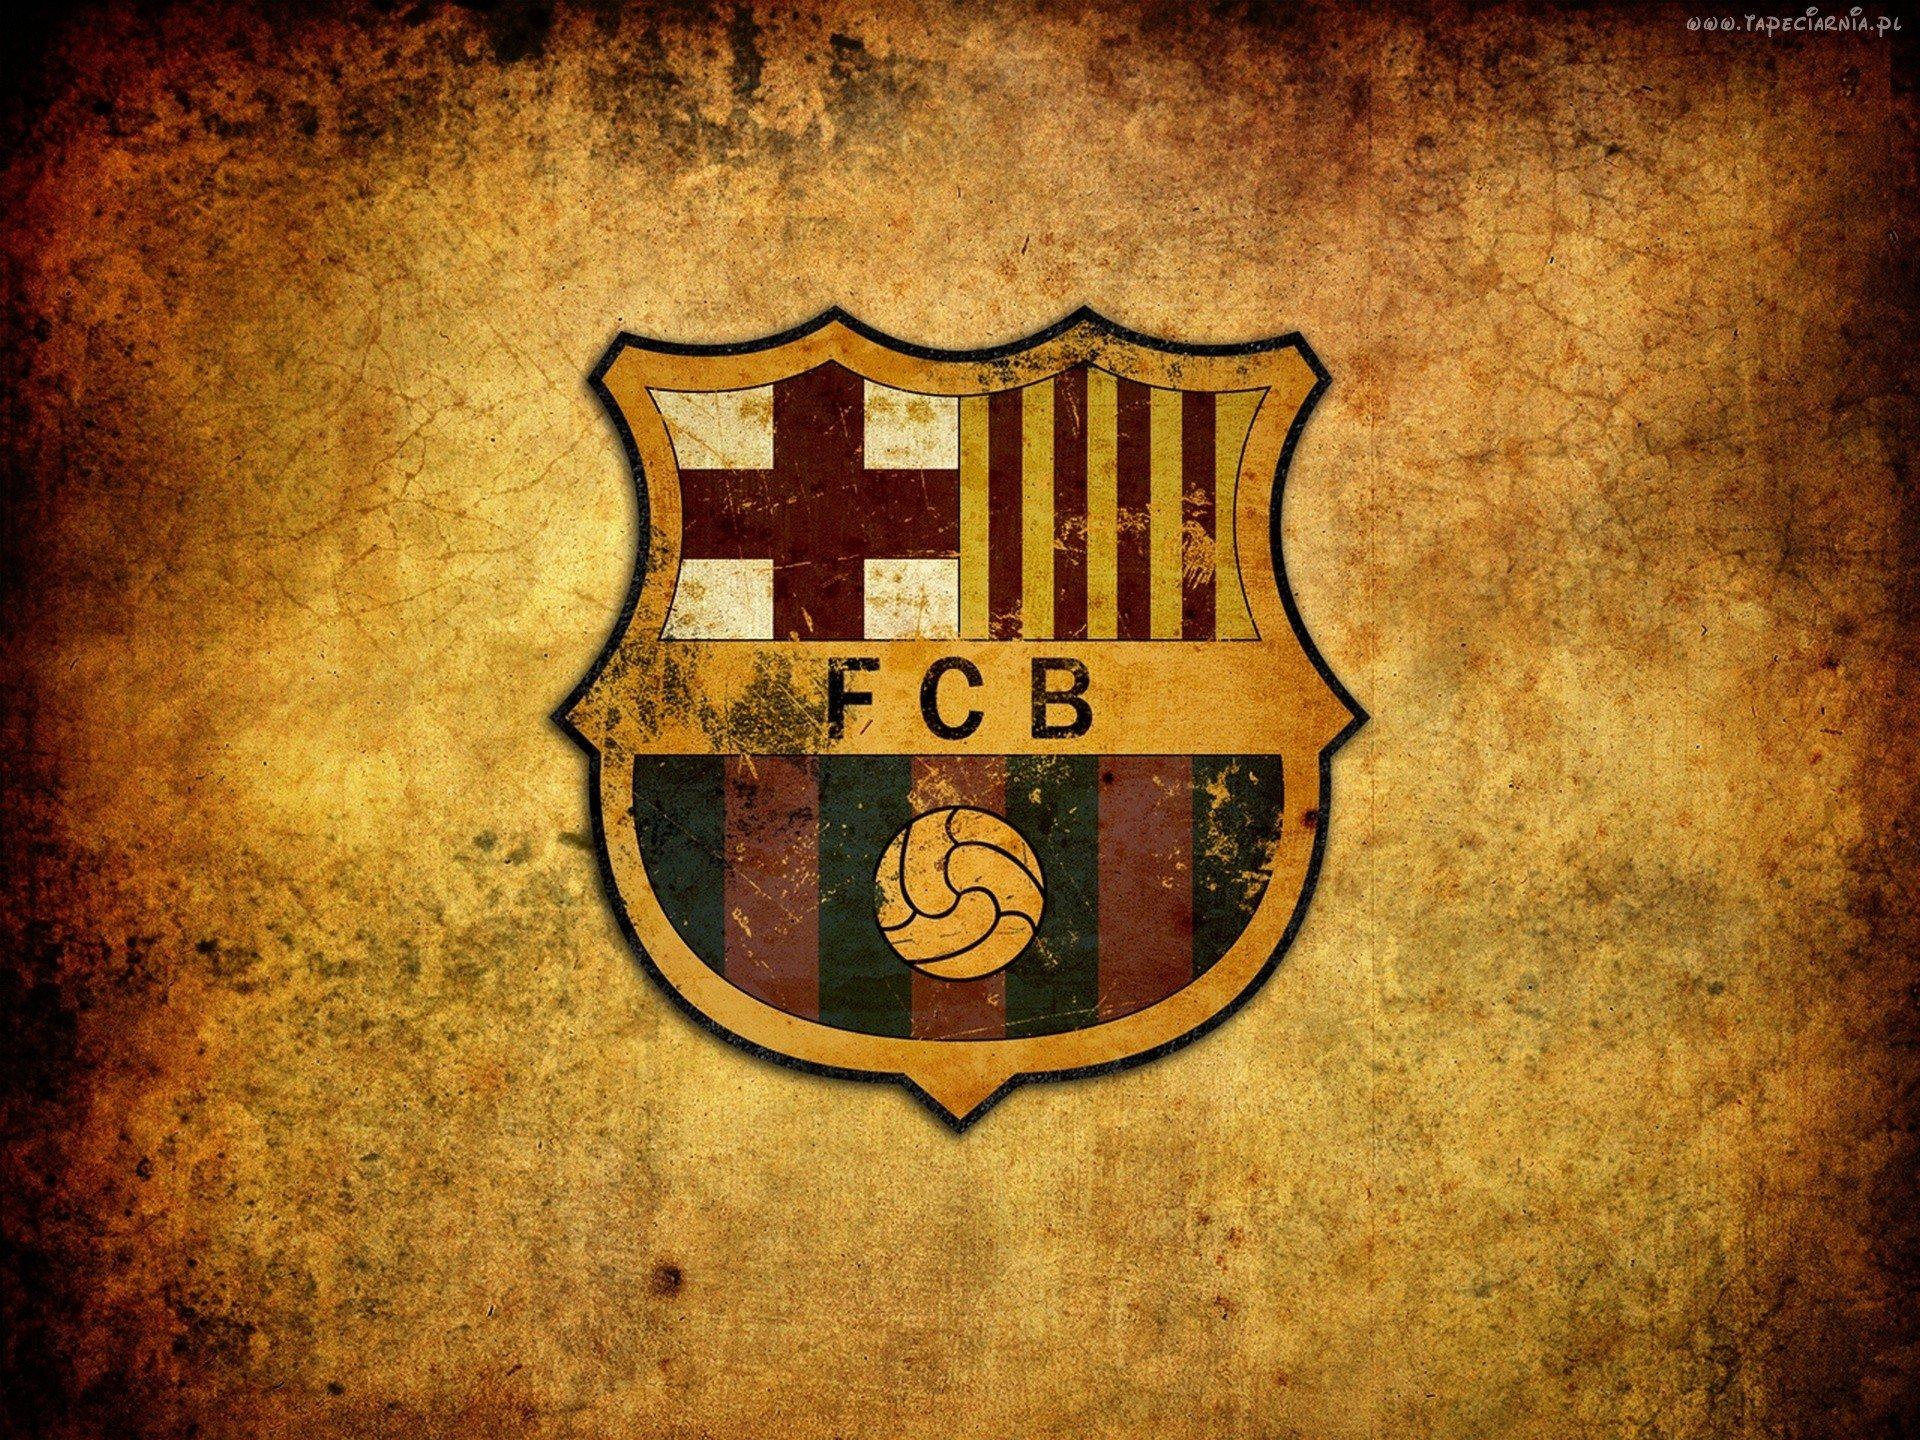 Barselona Futbol Ispaniya Emblema Fcb Hd Oboi Dlya Noutbuka